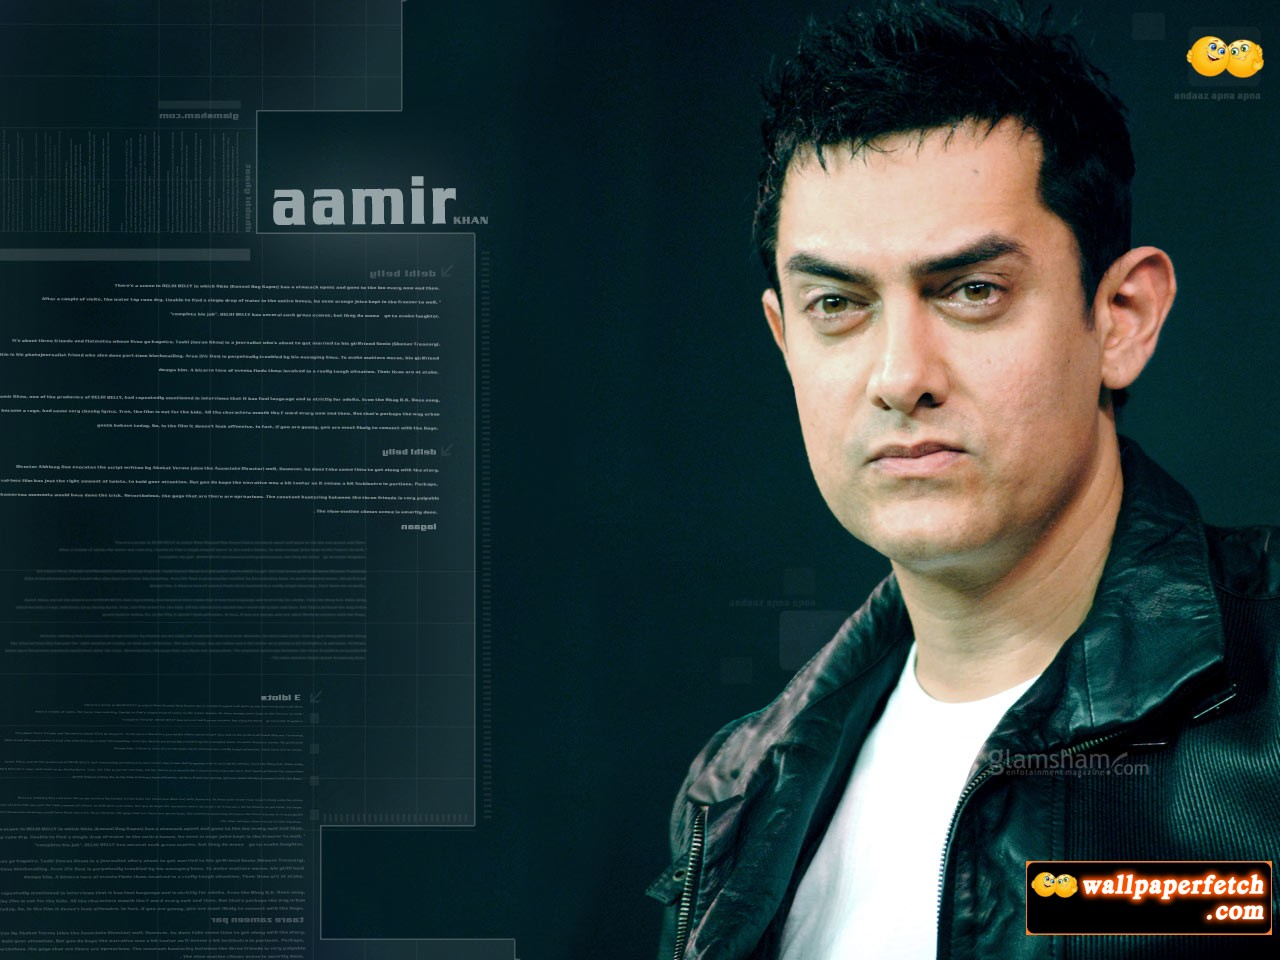 http://4.bp.blogspot.com/-C9HUPRDst4M/UBGgKIZAFEI/AAAAAAAAHlE/G8wo1vD2YgY/s1600/aamir-khan-wallpaper-26-12x9.jpg